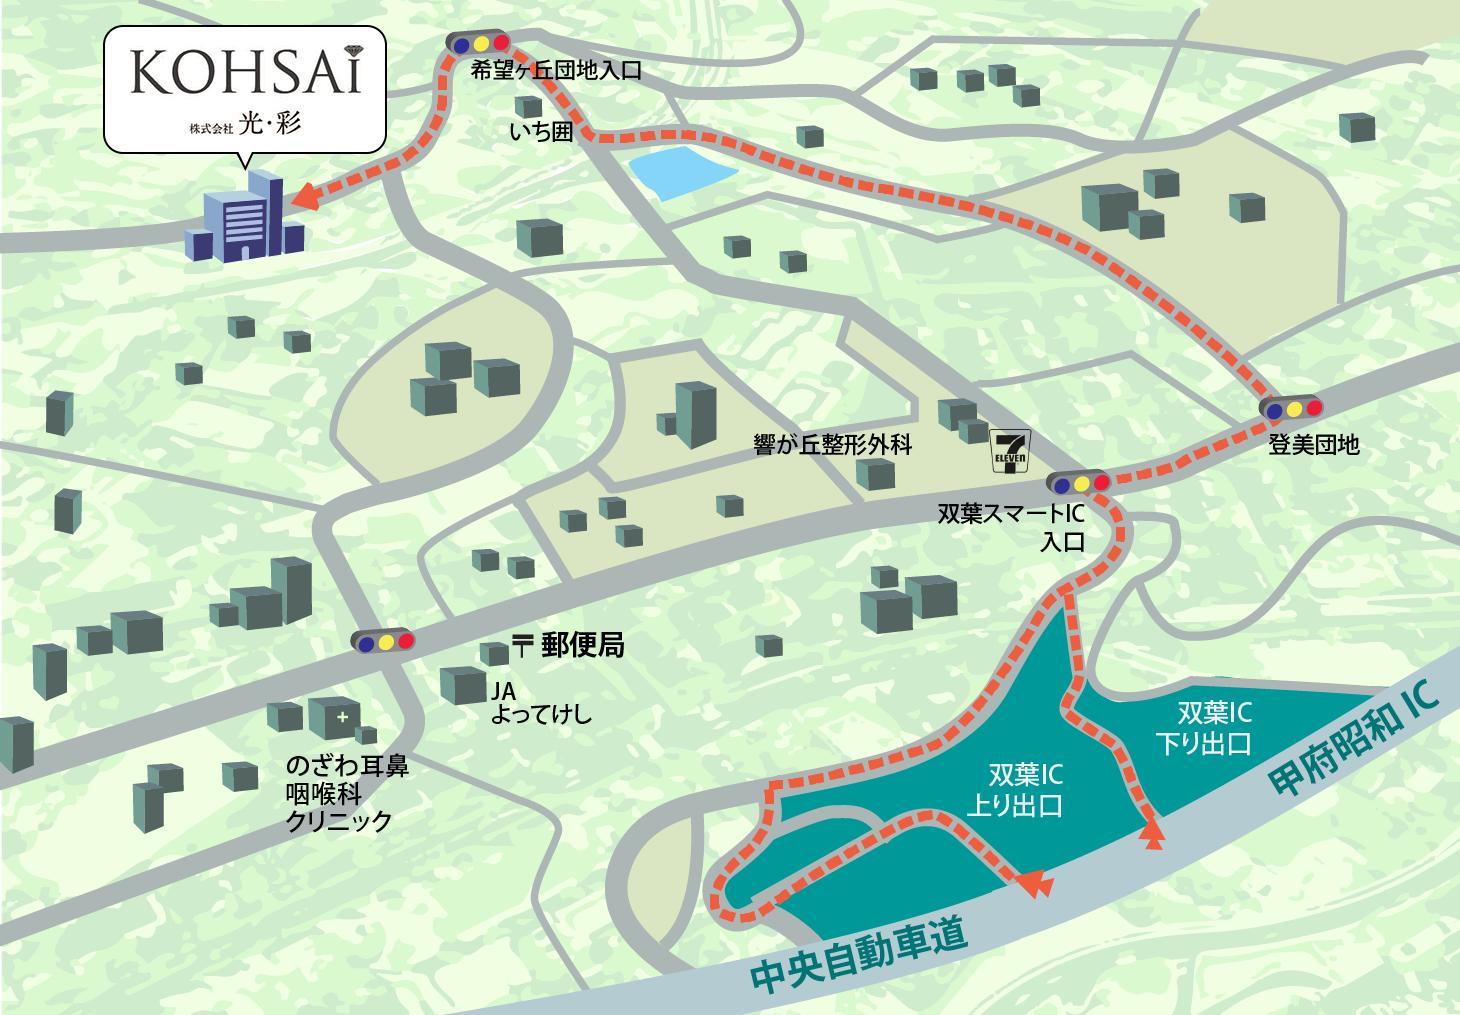 KOHSAI-2ndMAP19-02-2012rp-03